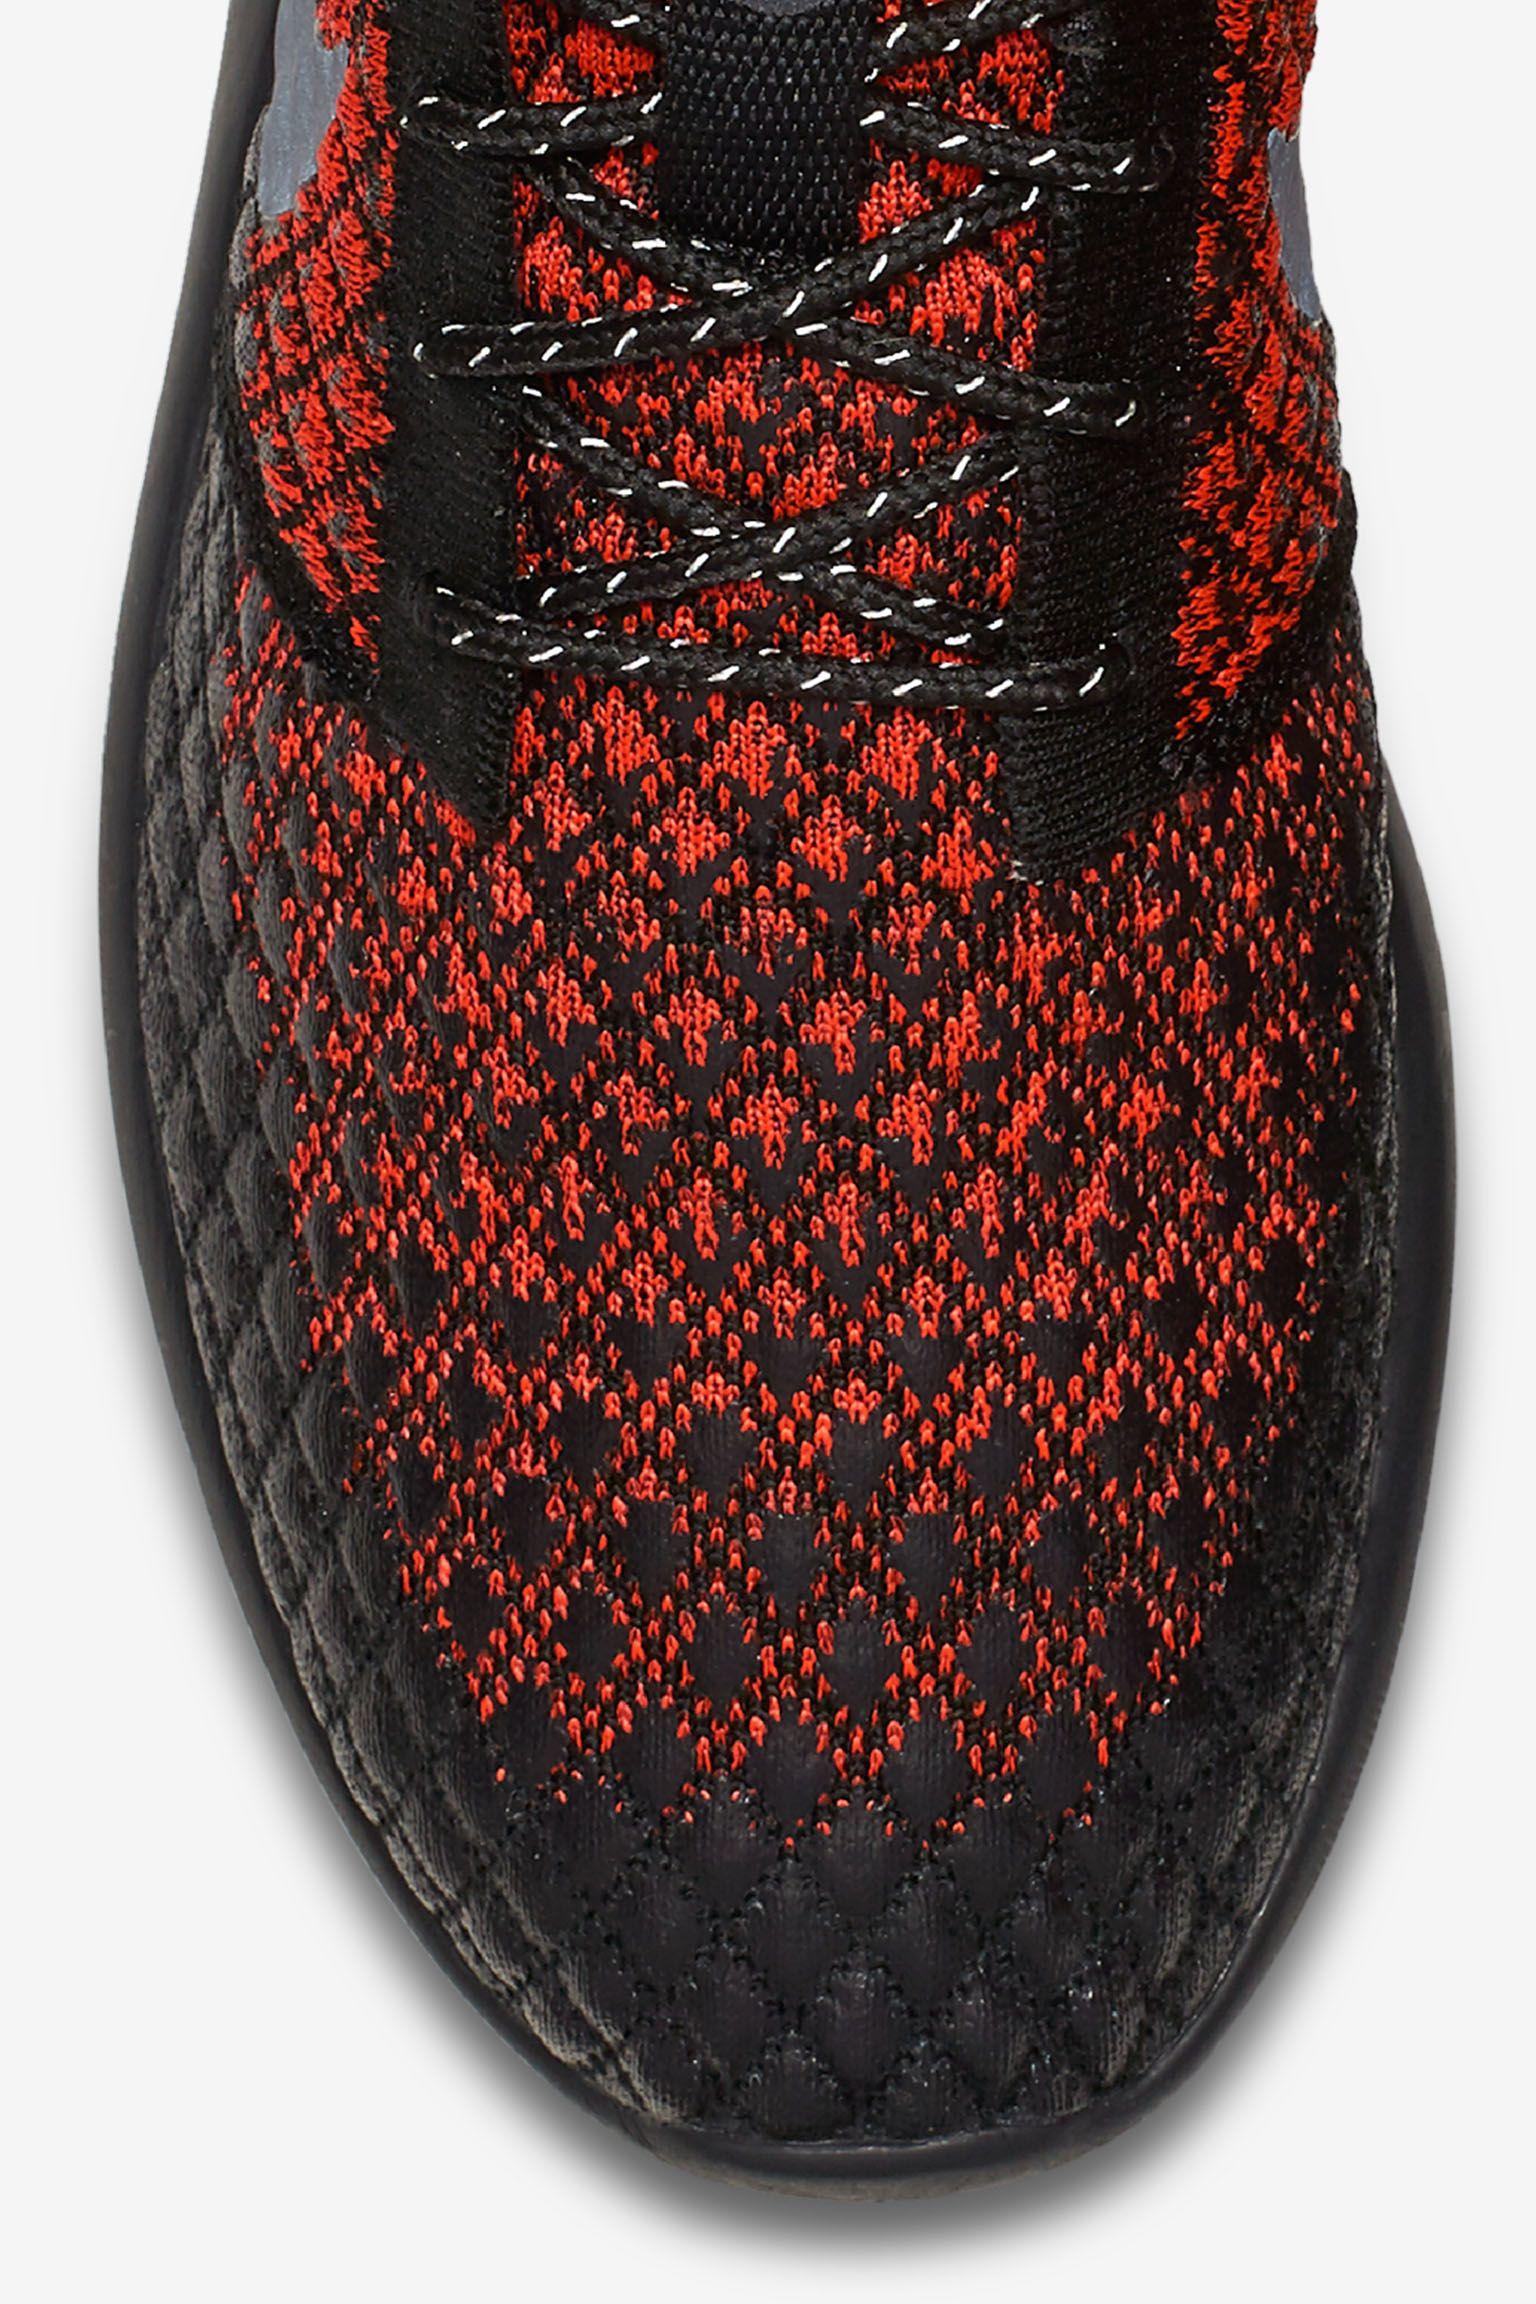 ナイキ ローシ ツー フライニット 365 'Bright Crimson & Black'